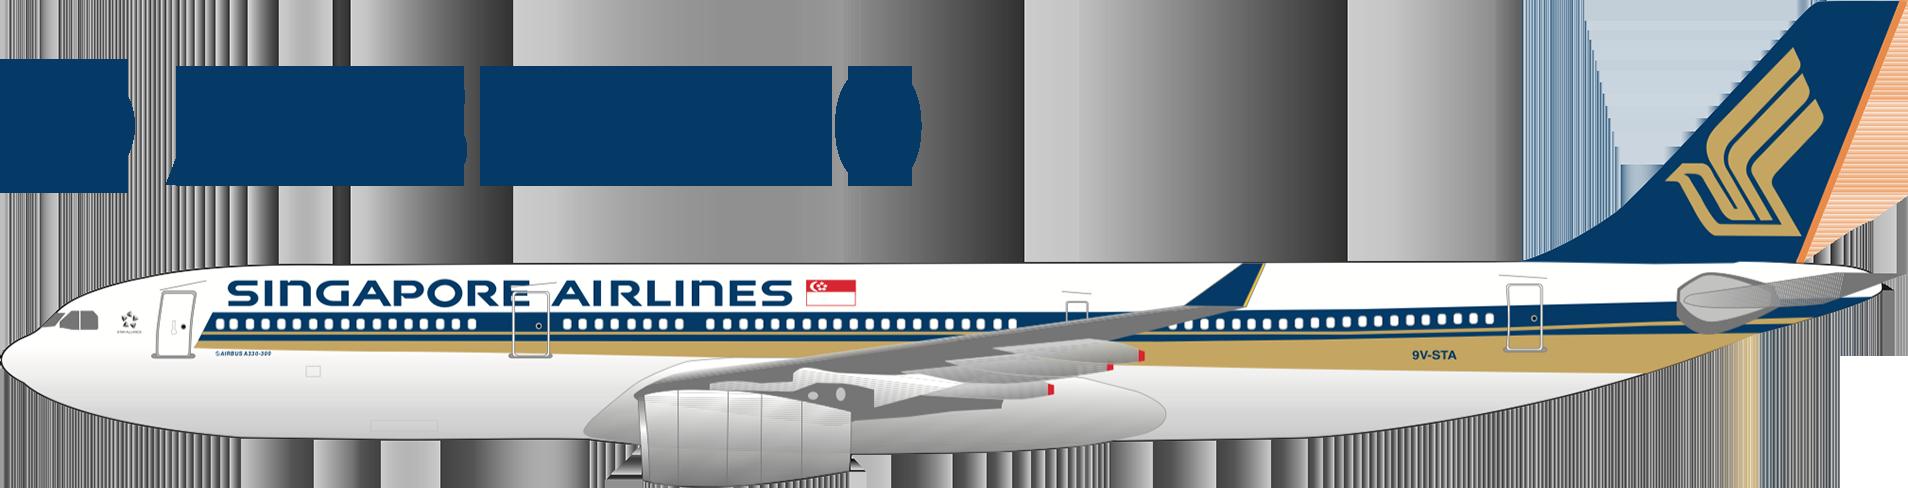 !A330v3 Label